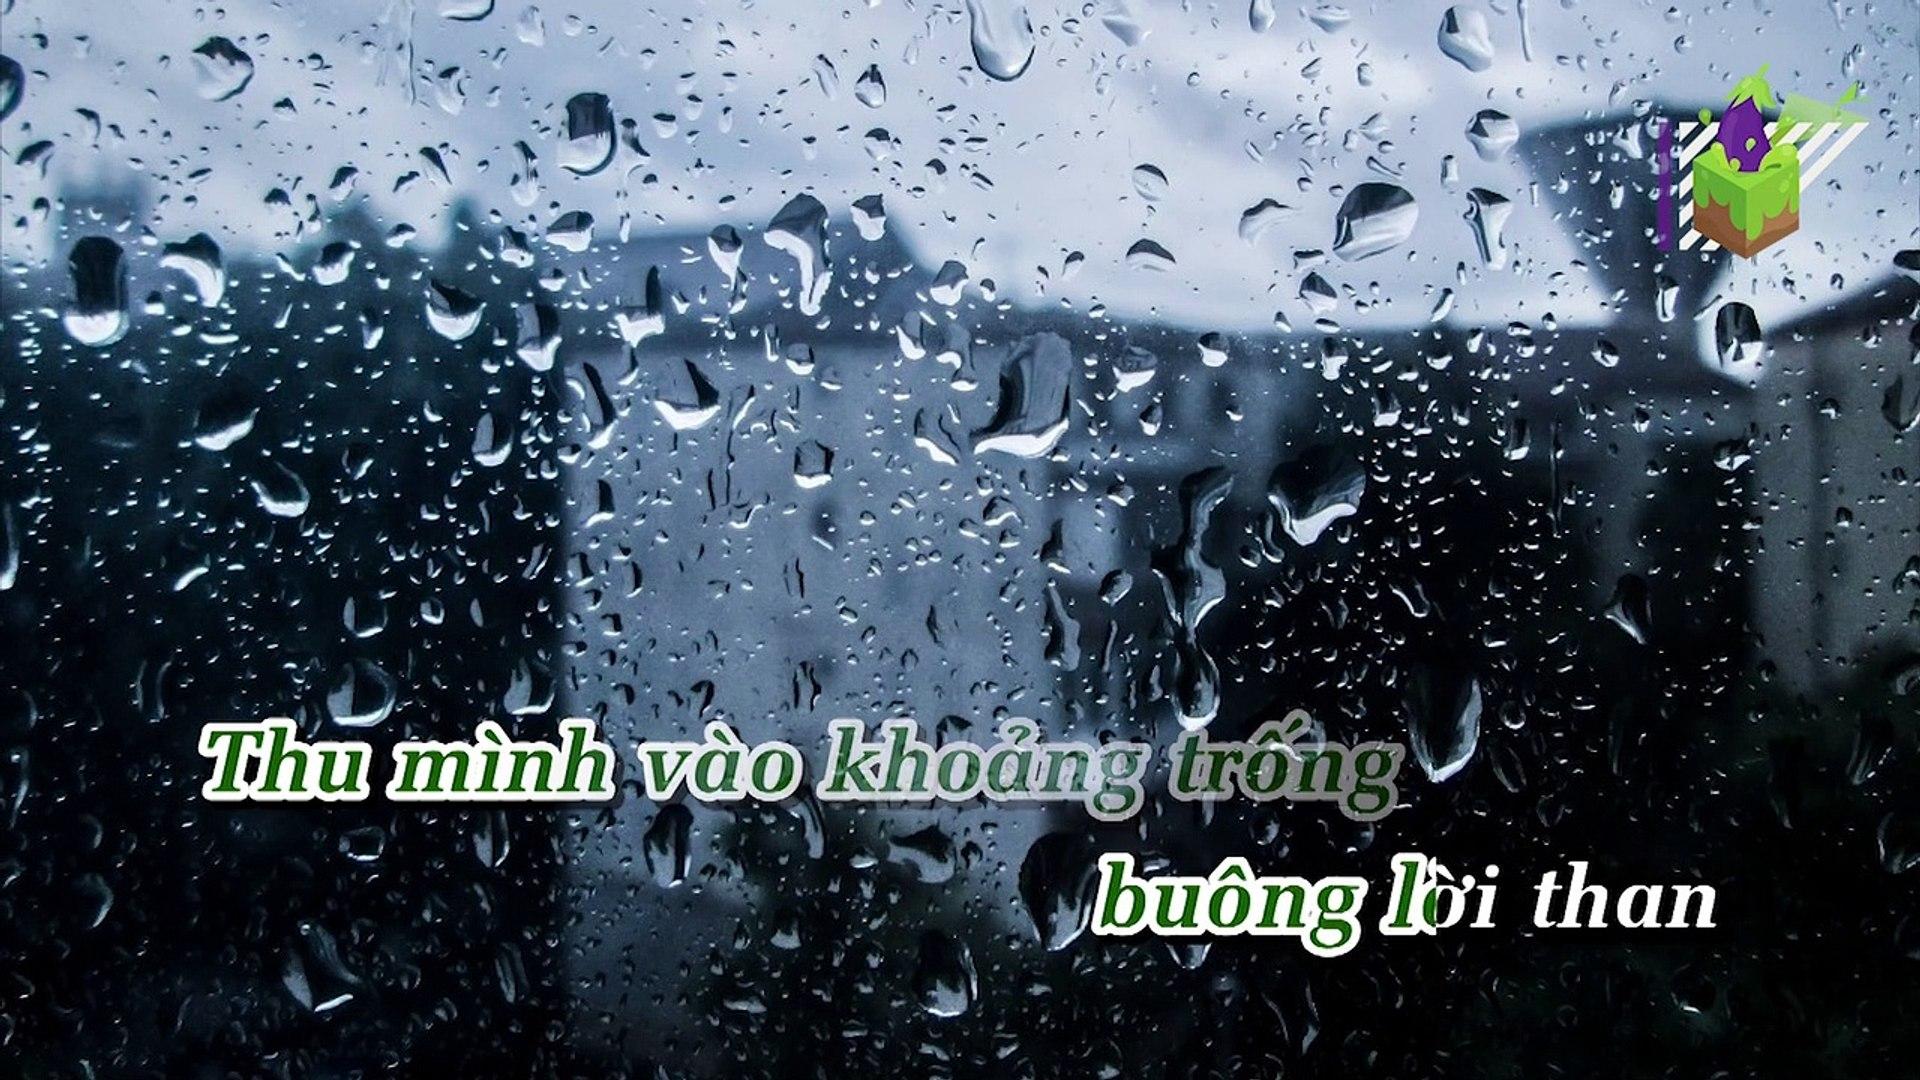 [Karaoke] Mưa Mùa Đông - Thế Phương Vbk Ft. Huy Vạc, Balaci [Beat]